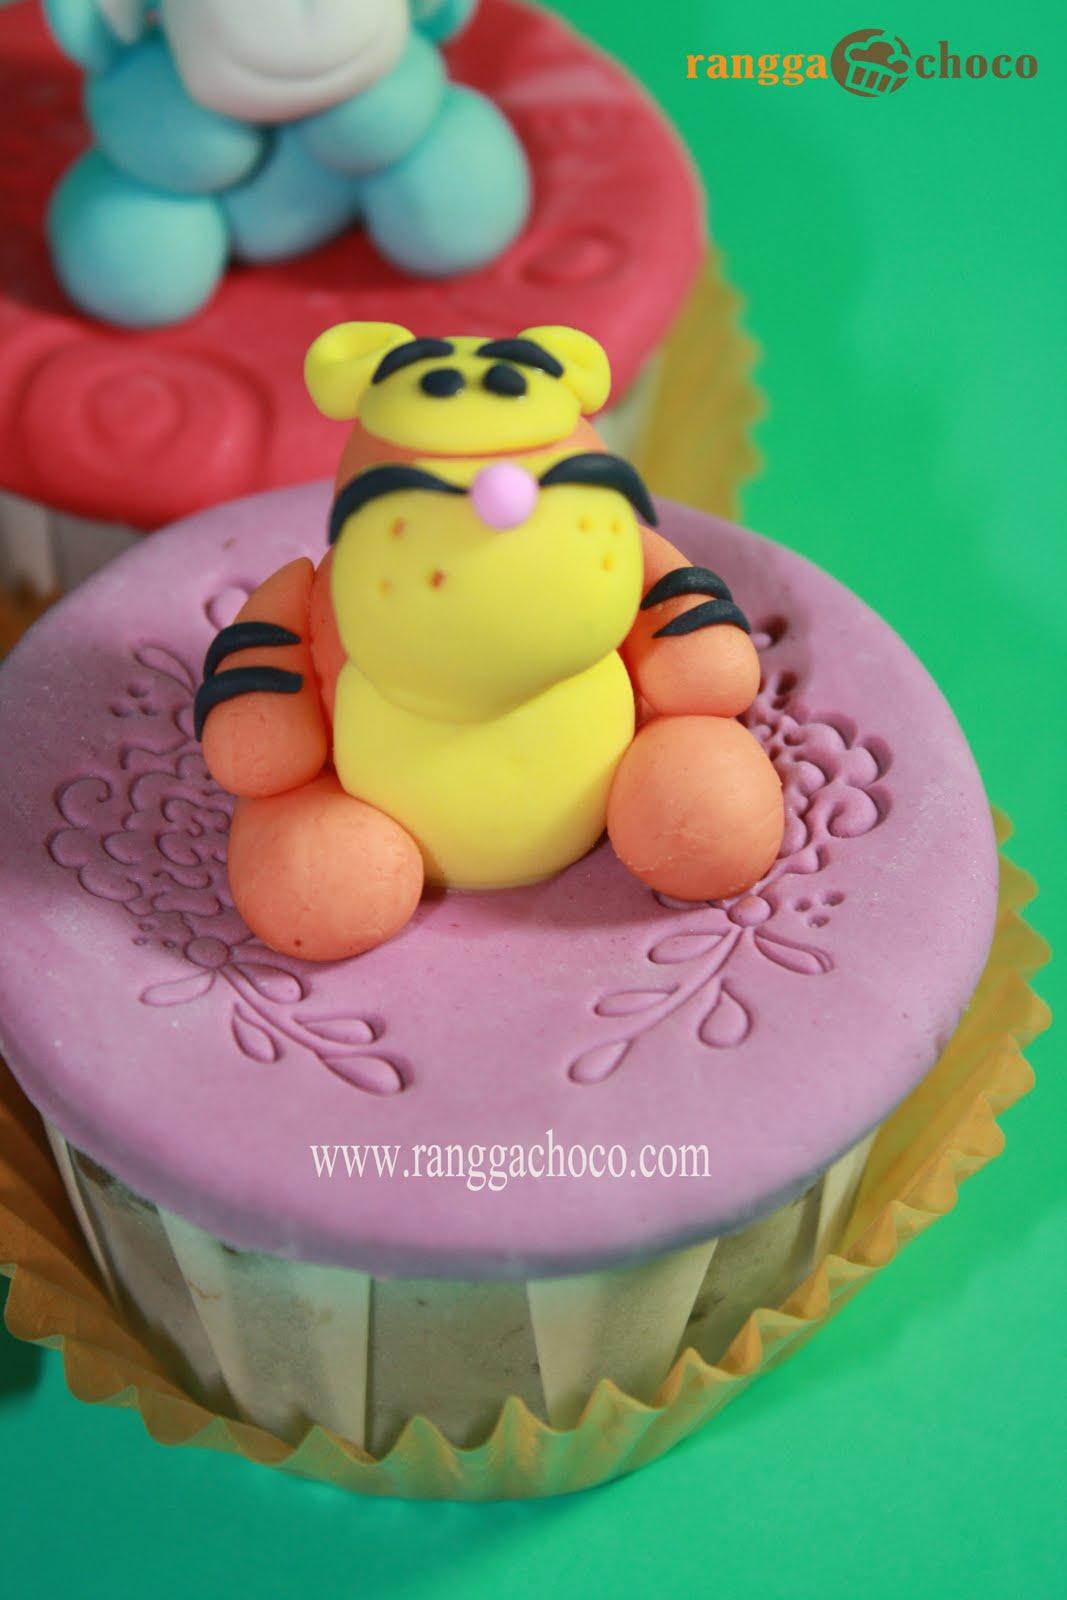 http://2.bp.blogspot.com/_FfDAQjvCLg4/S9VkC0GjzpI/AAAAAAAACSw/My4FOdKrGxE/s1600/winnie+t+pooh+cupcakes.jpg